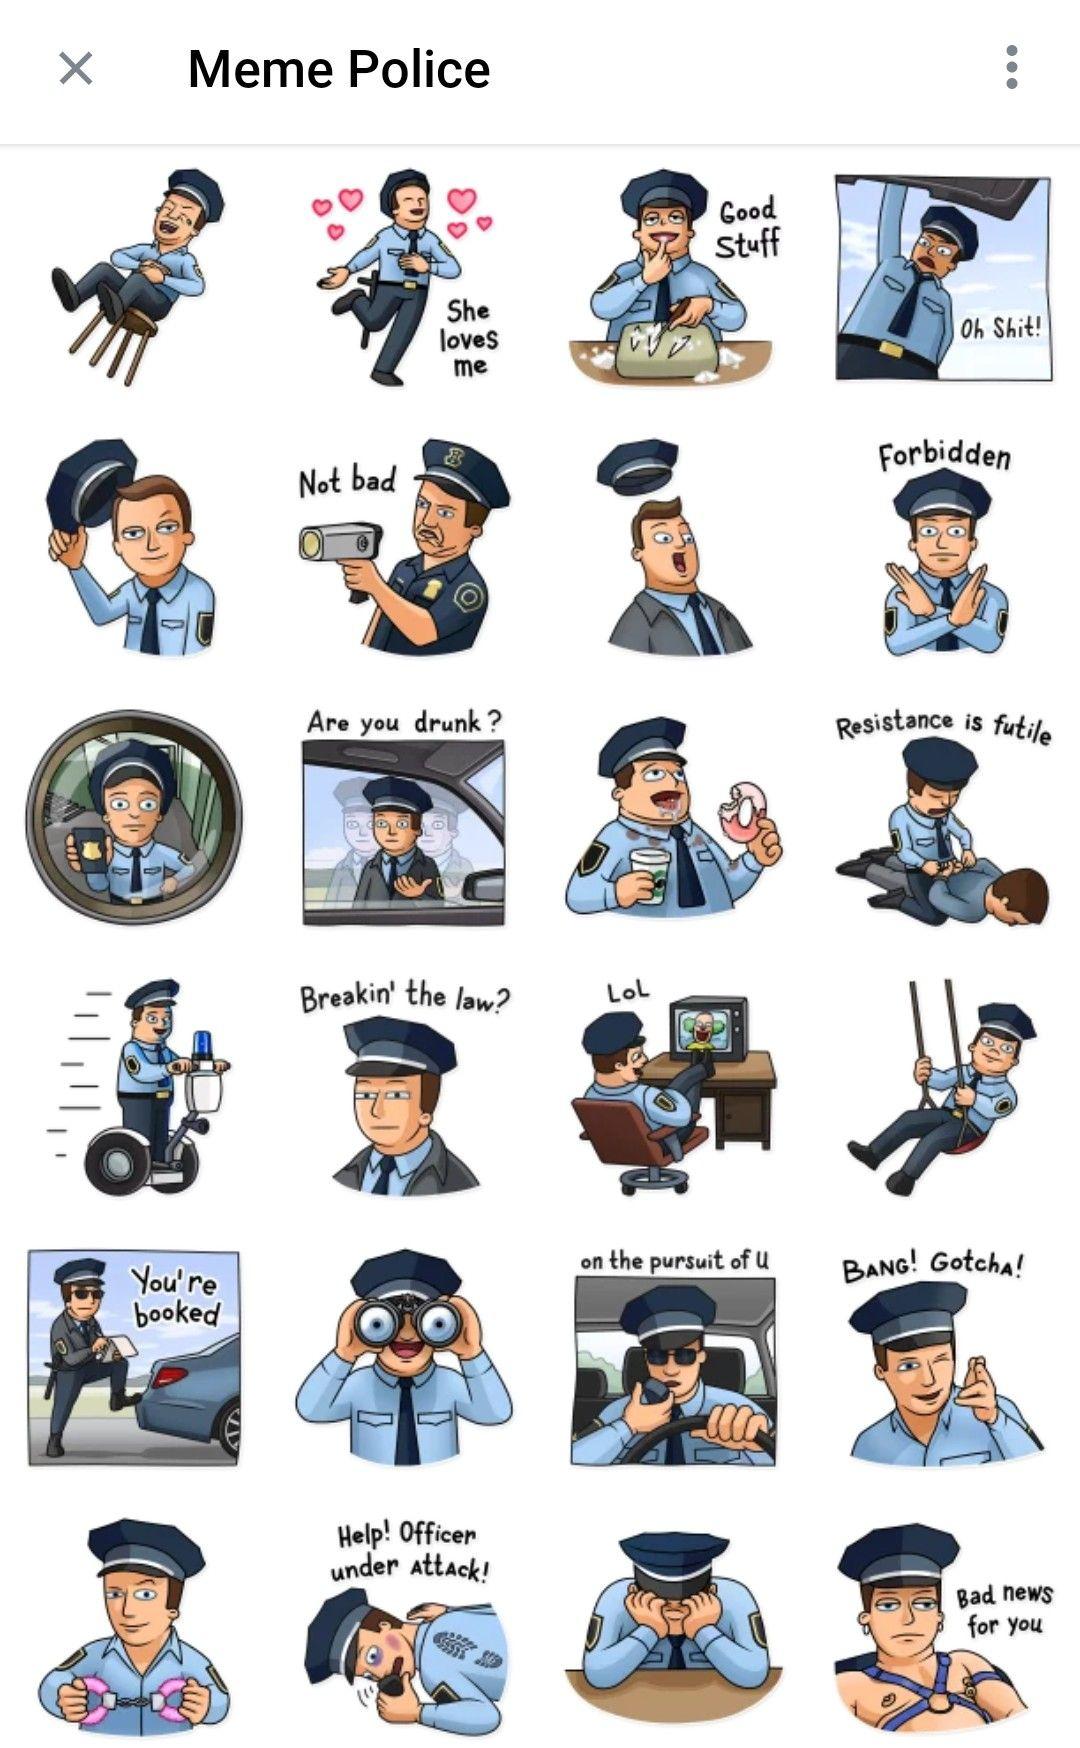 Meme Police Telegram Sticker Pack Telegram Stickers Police Stickers Stickers Packs